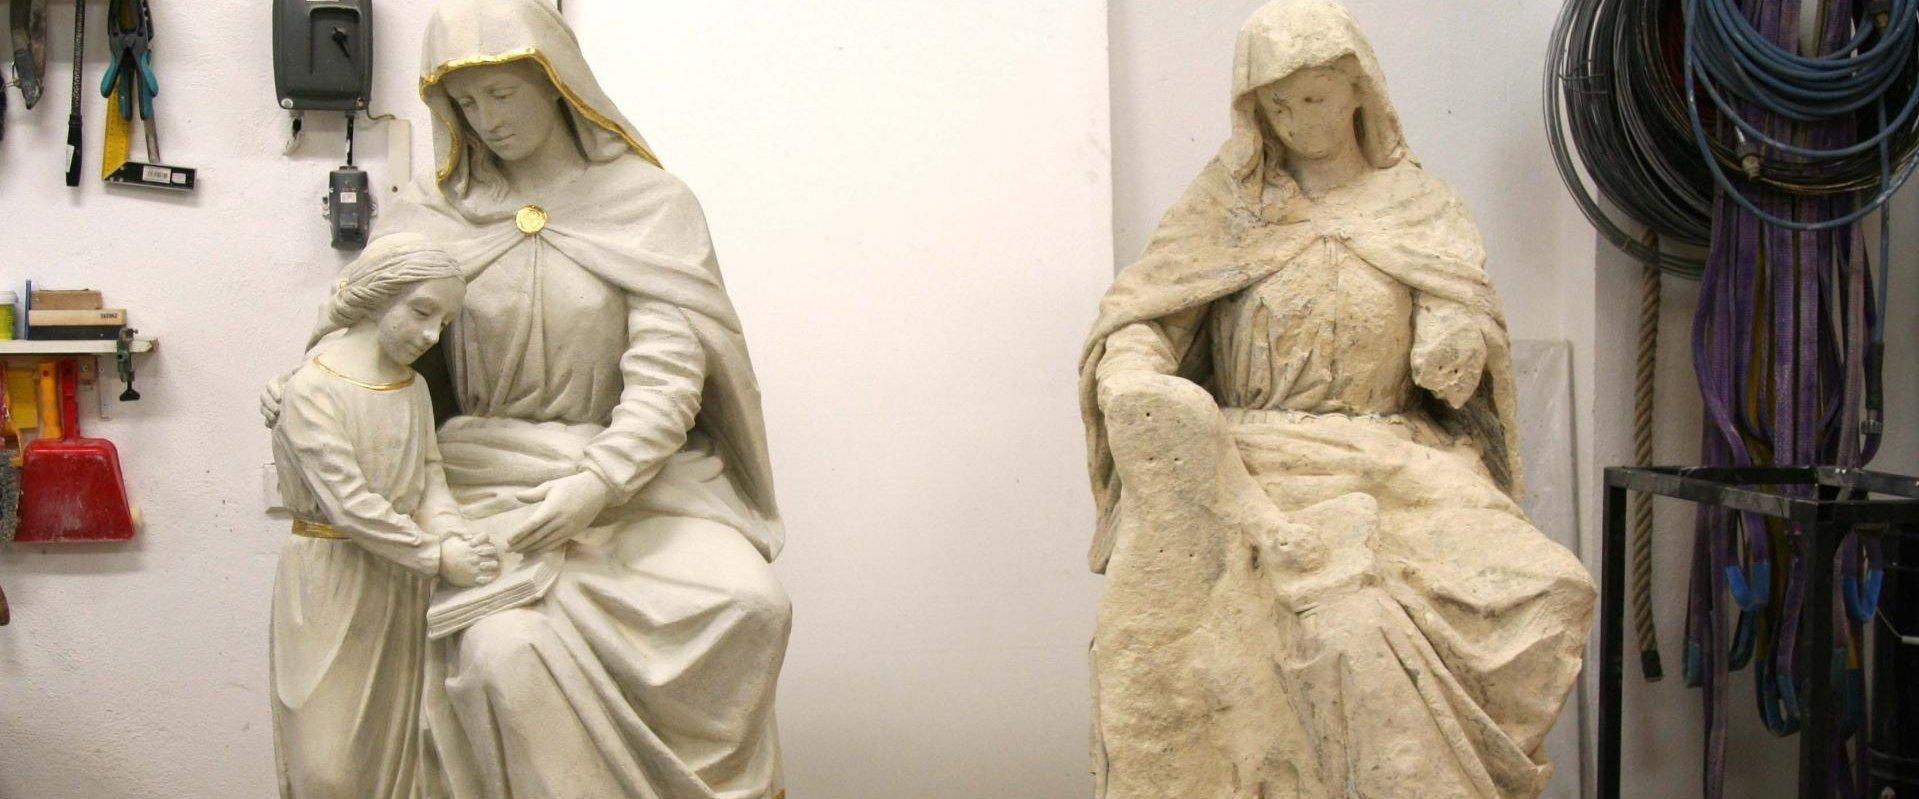 Súsošie vyučovania Panny Márie na podstavci, originál a kópia súsošia v reštaurátorskom ateliéry